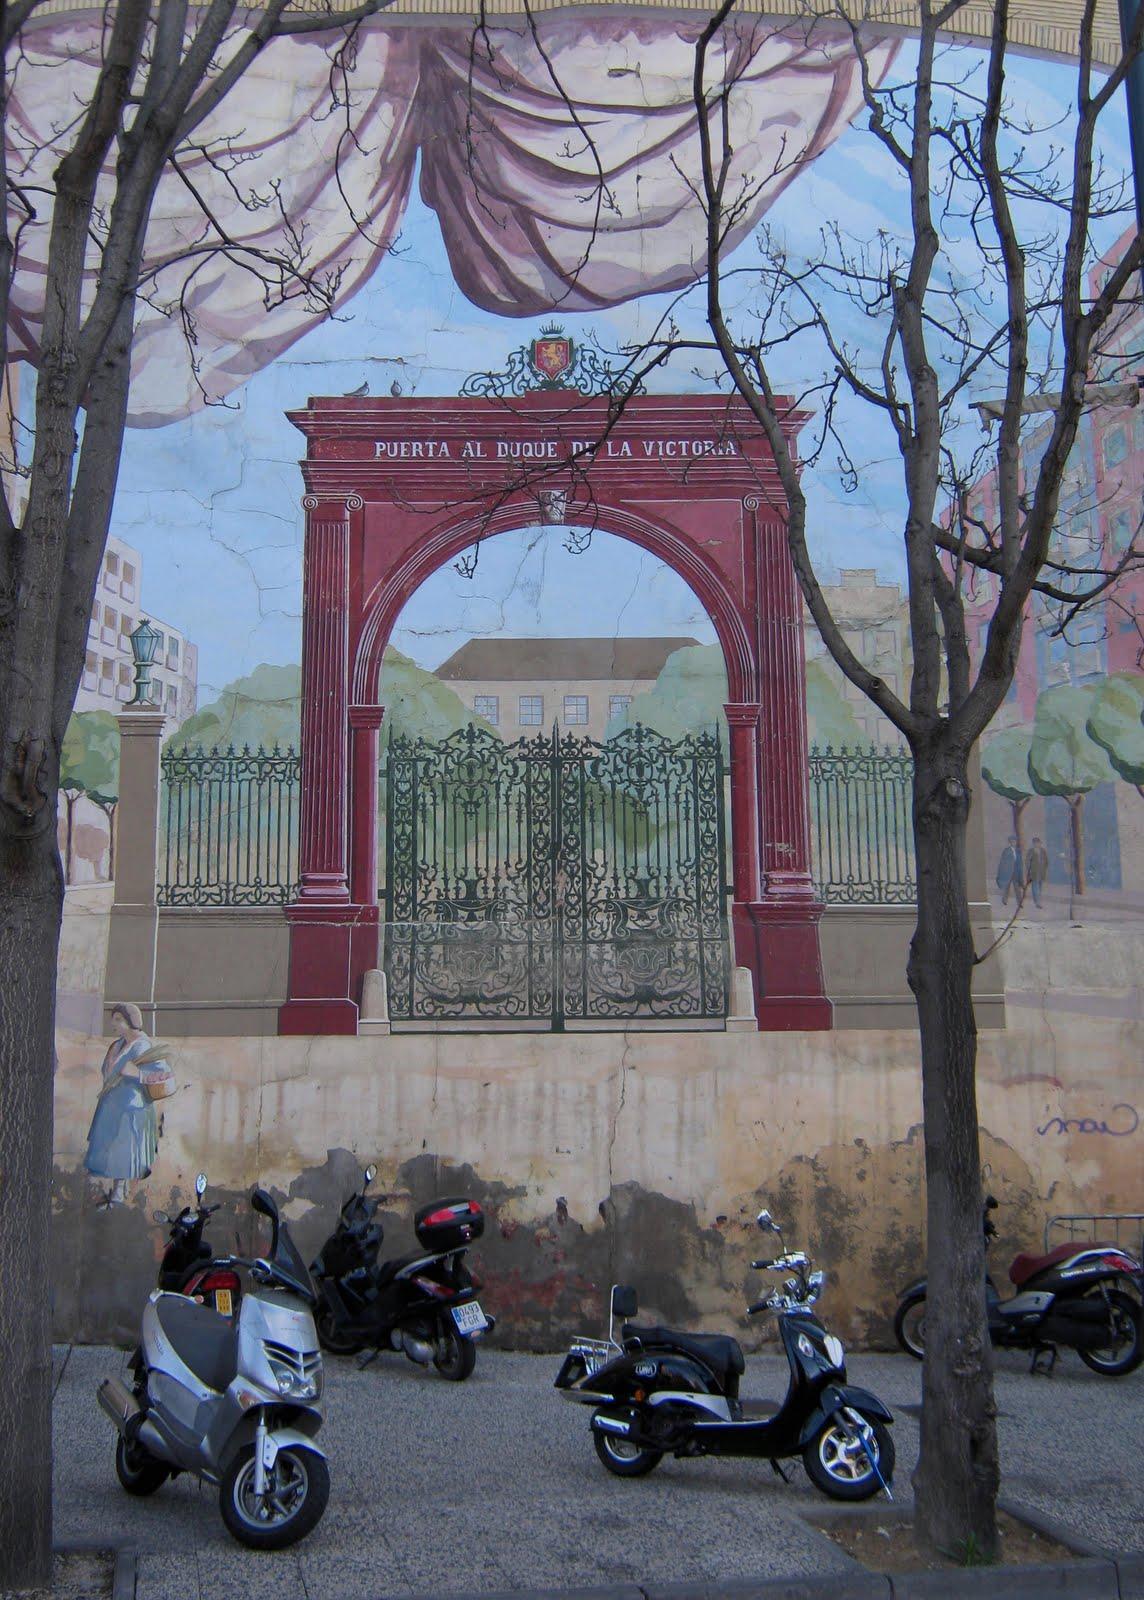 Zaragoza milenaria desde la distancia la puerta al duque for Puerta la victoria